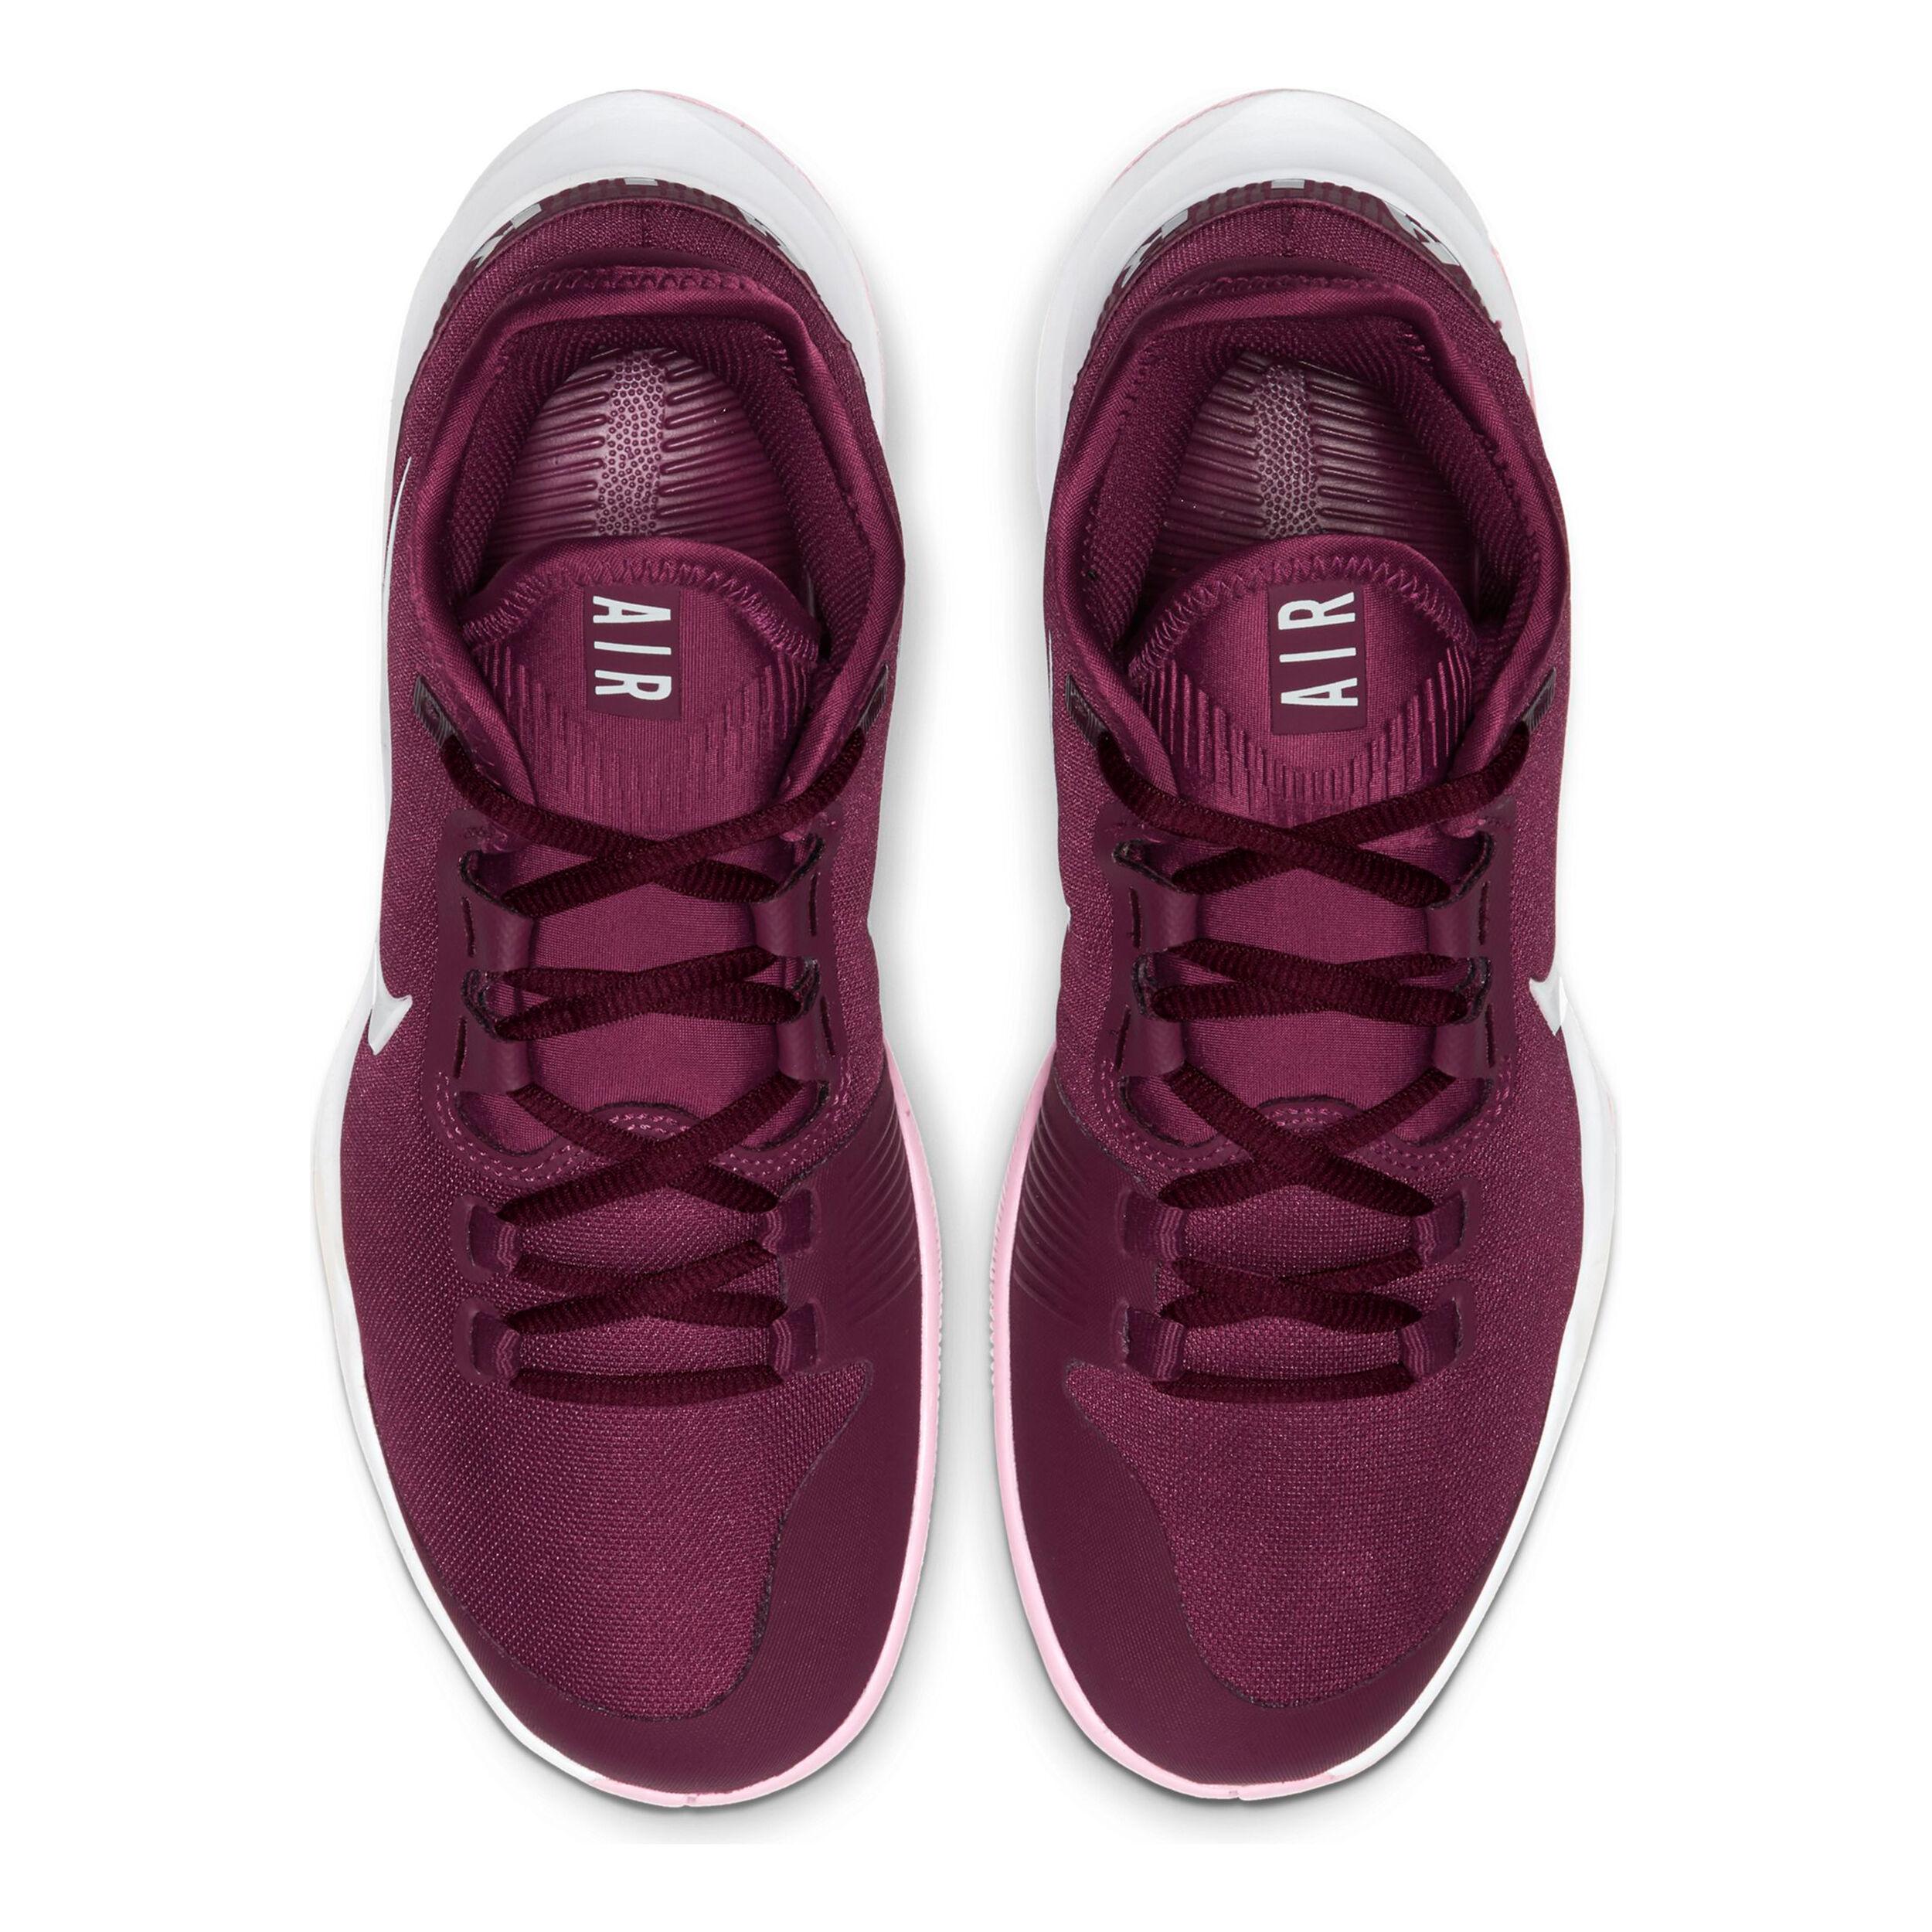 Nike Air Max Wildcard Damen Berry, Weiß online kaufen